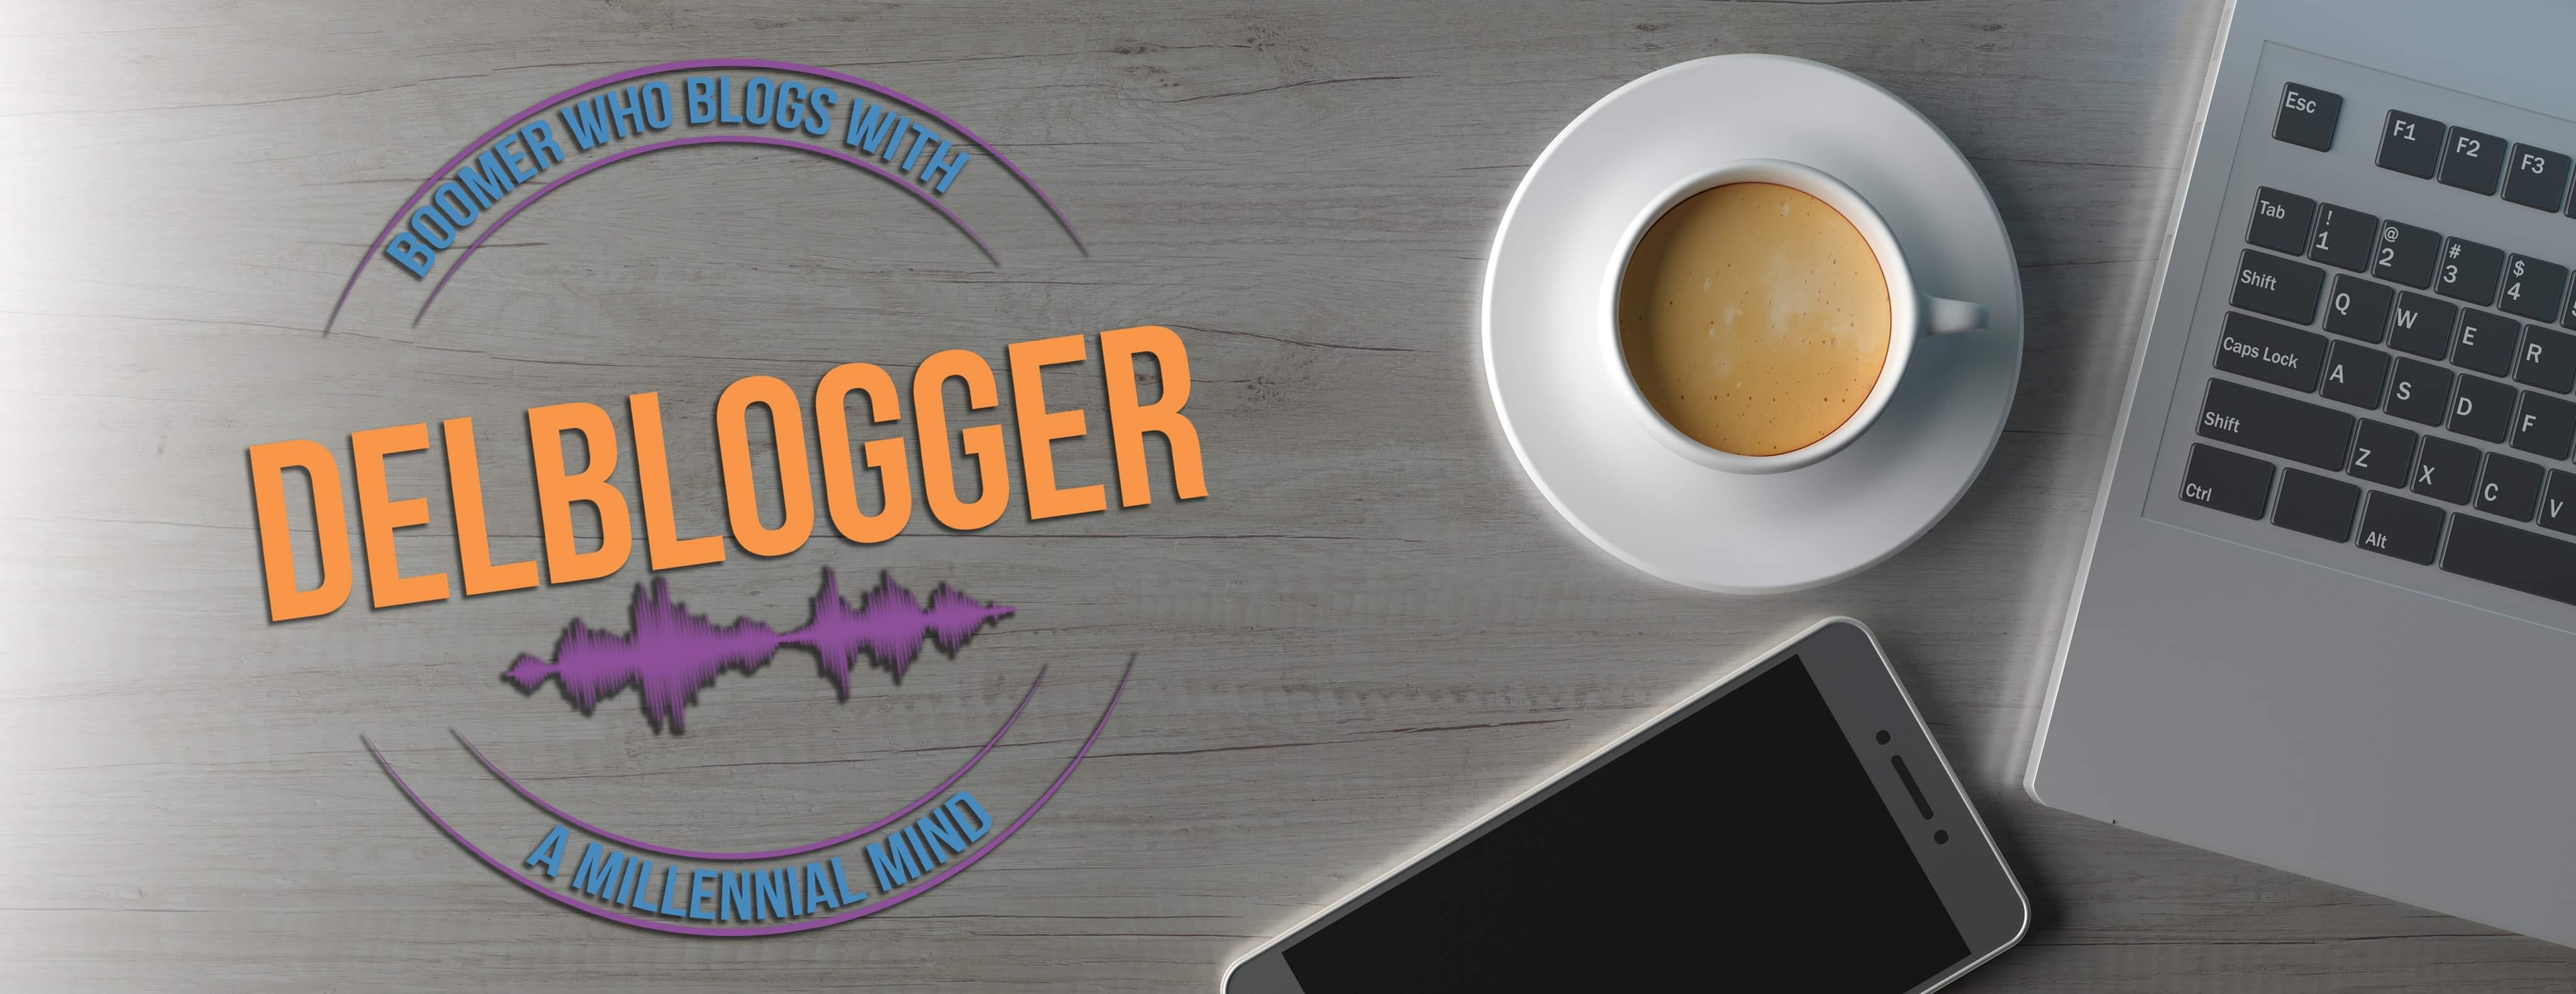 DelBlogger